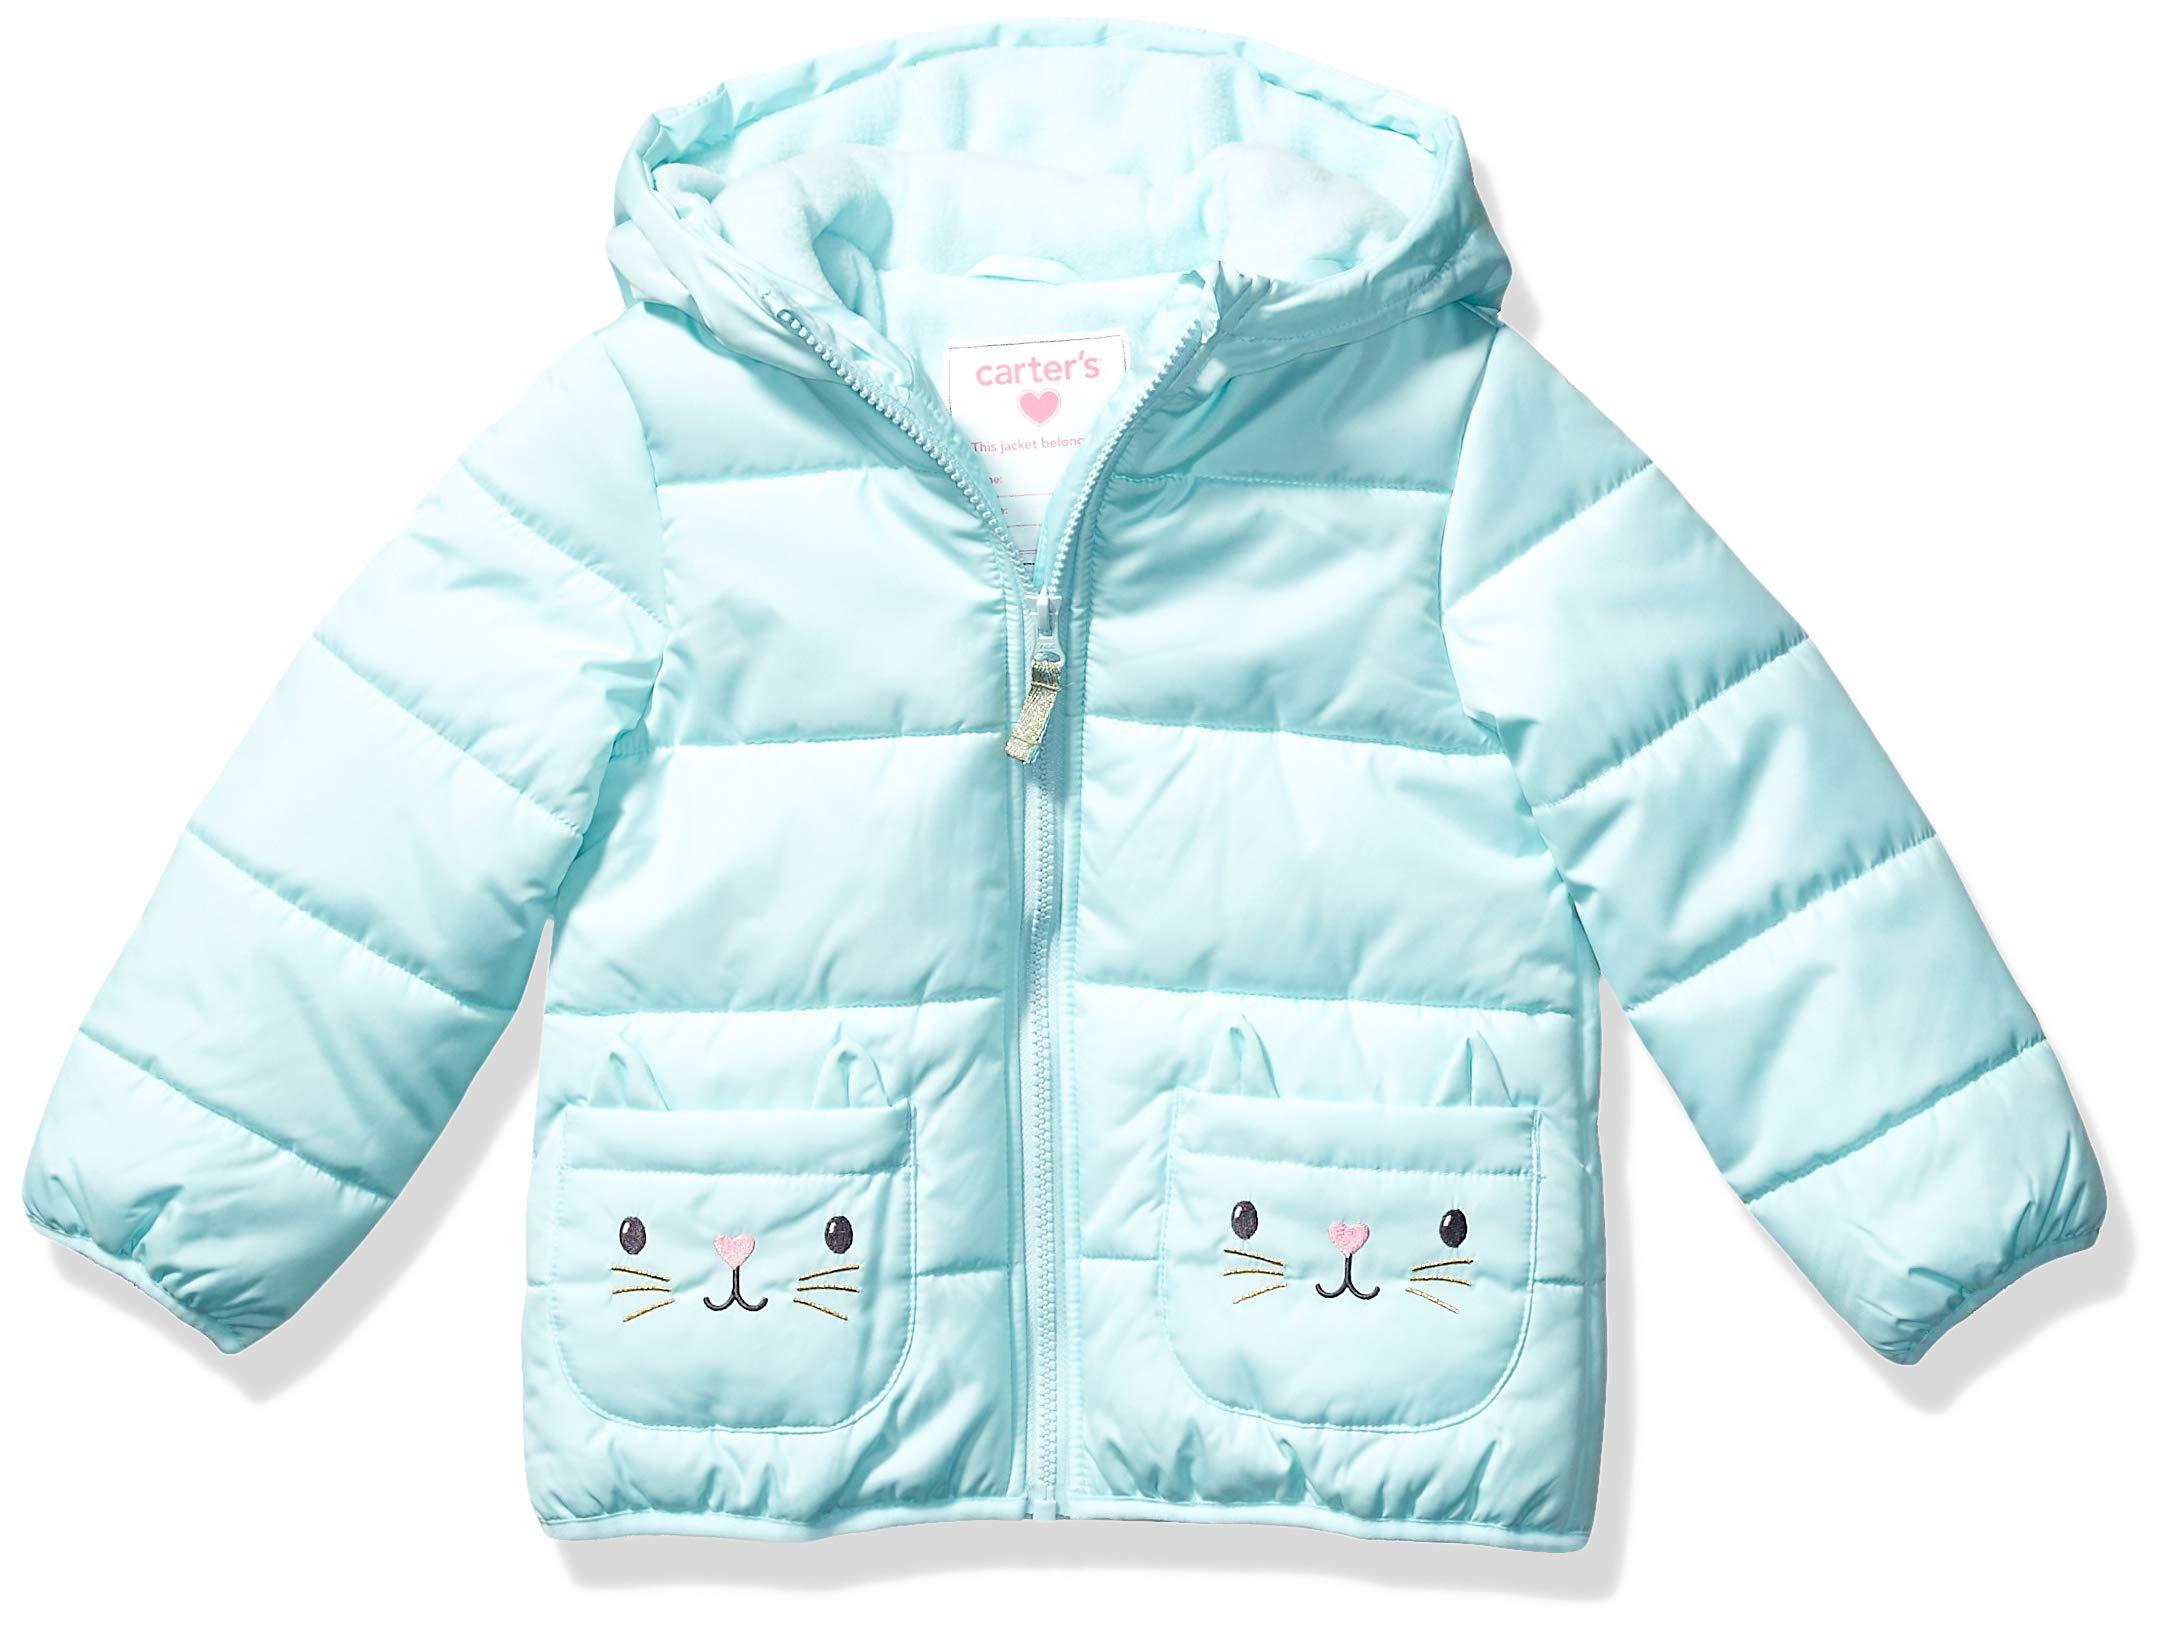 Carter's Girls' Fleece Lined Critter Puffer Jacket Coat